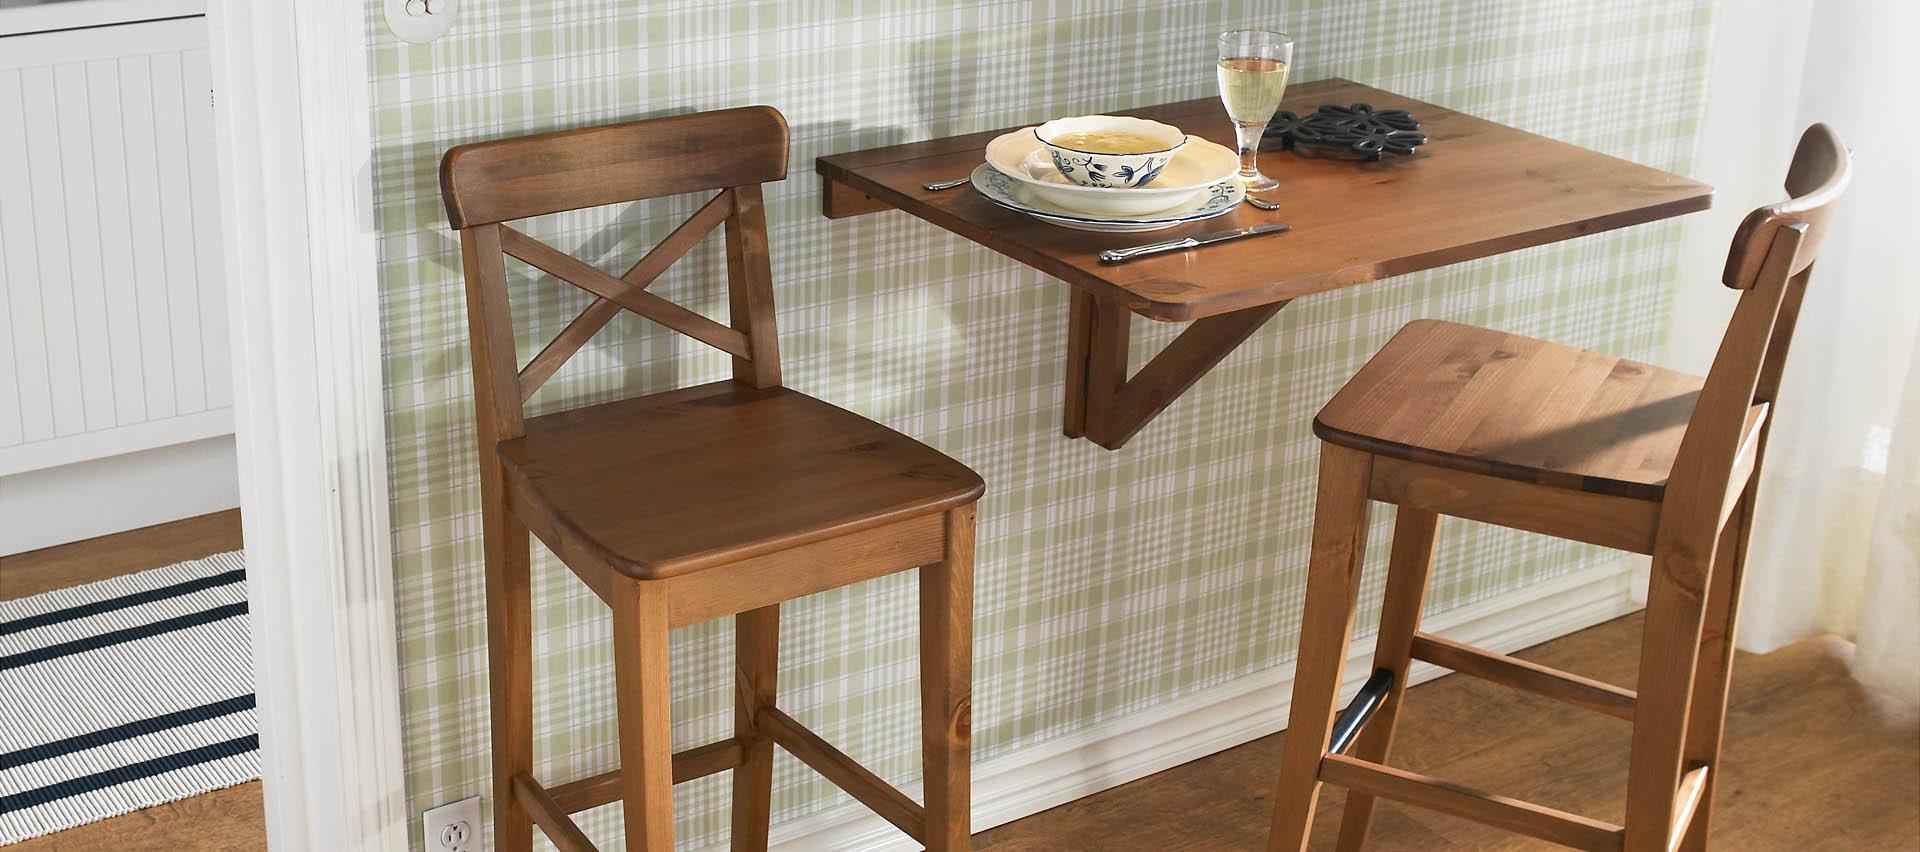 Высокий стол для кухни стандартная высота кухонной мебели